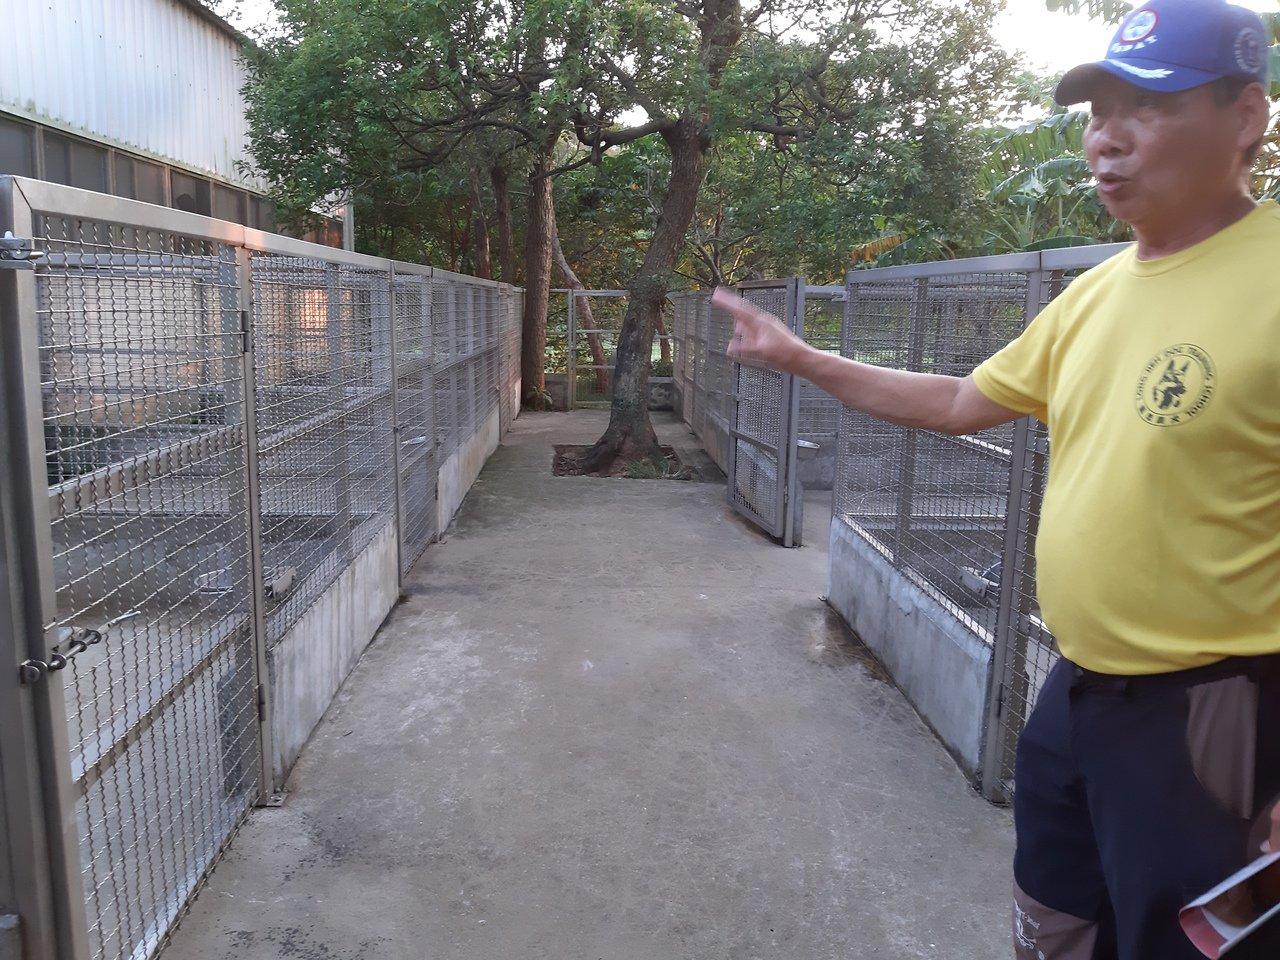 位於桃園楊梅的龍杰訓犬中心是知名警犬訓練所,近日爆出訓犬員虐待、飼養環境堪慮等爭...